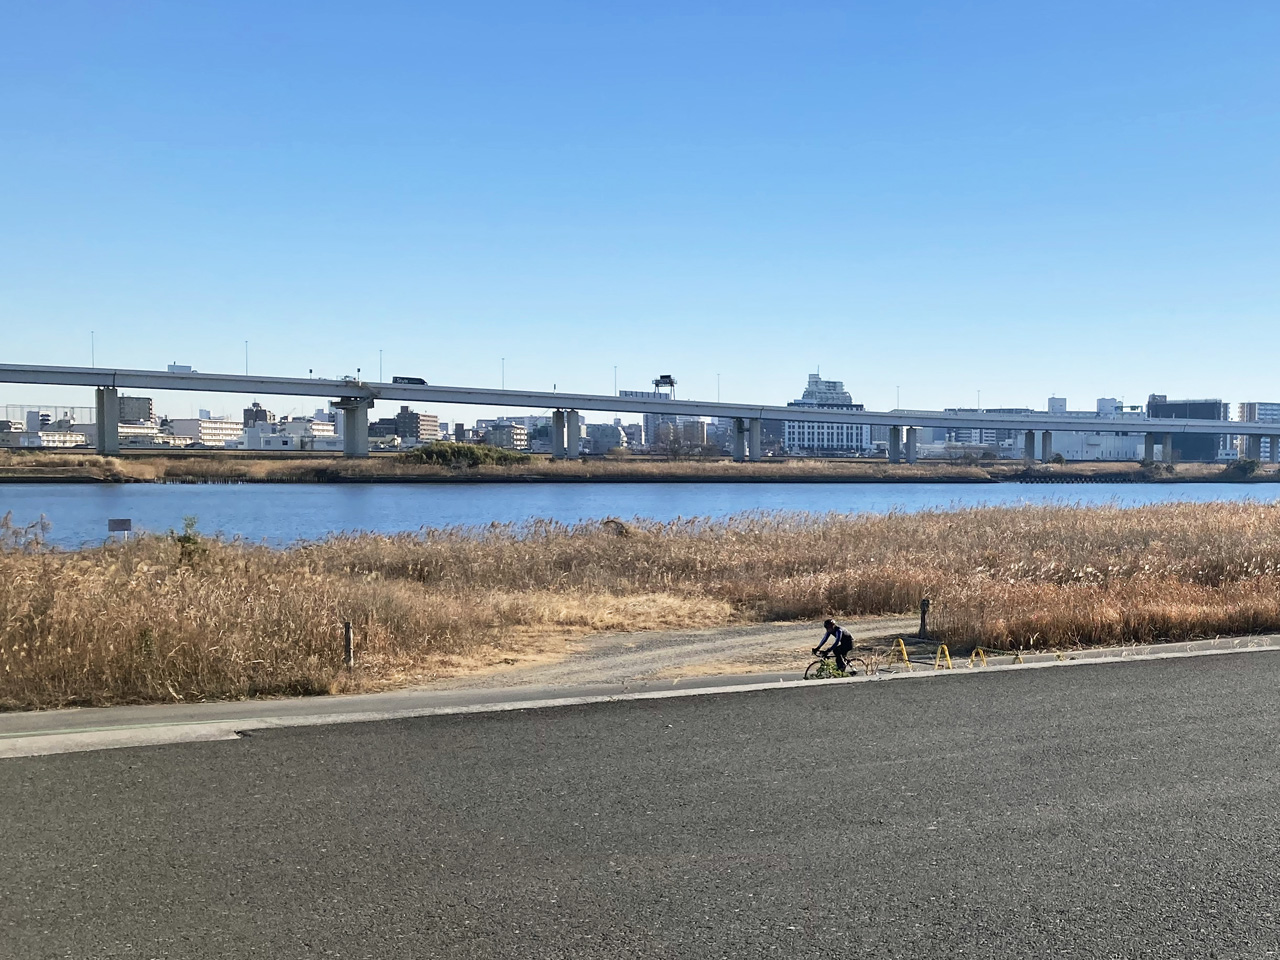 木下川排水機場の東は荒川の右岸